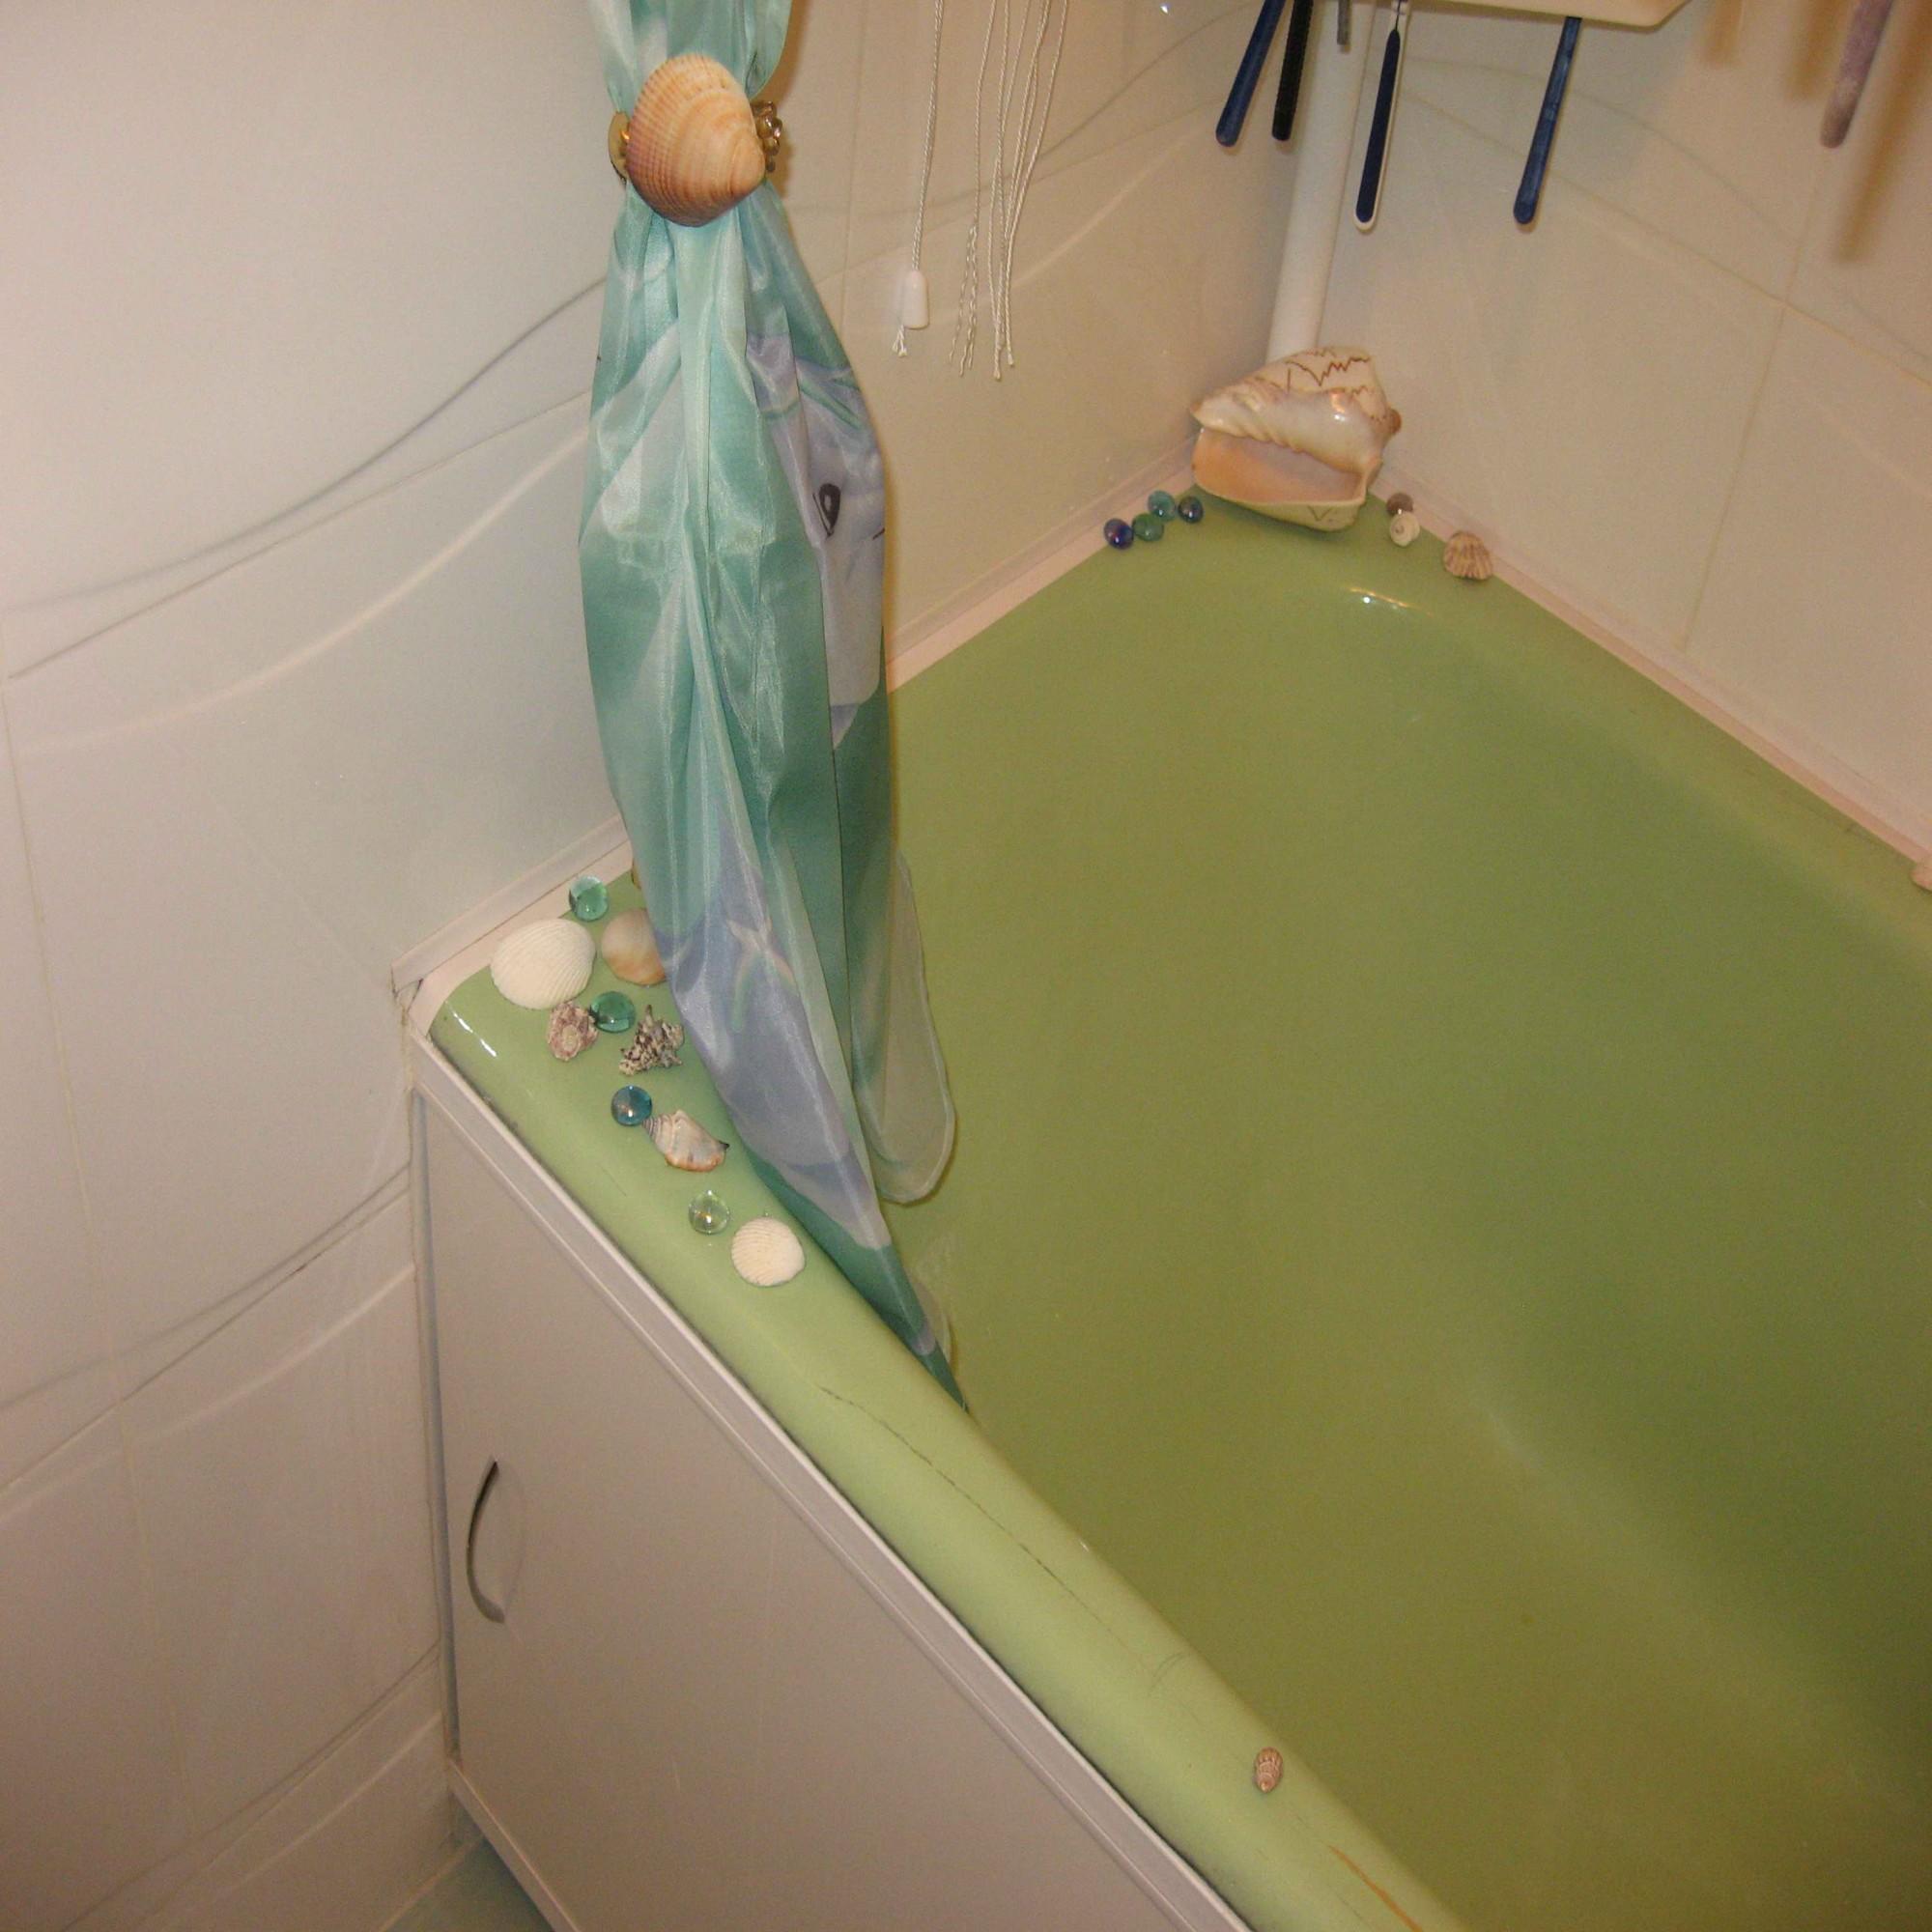 Шторка под ванную: виды, выбор и монтаж своими руками 58